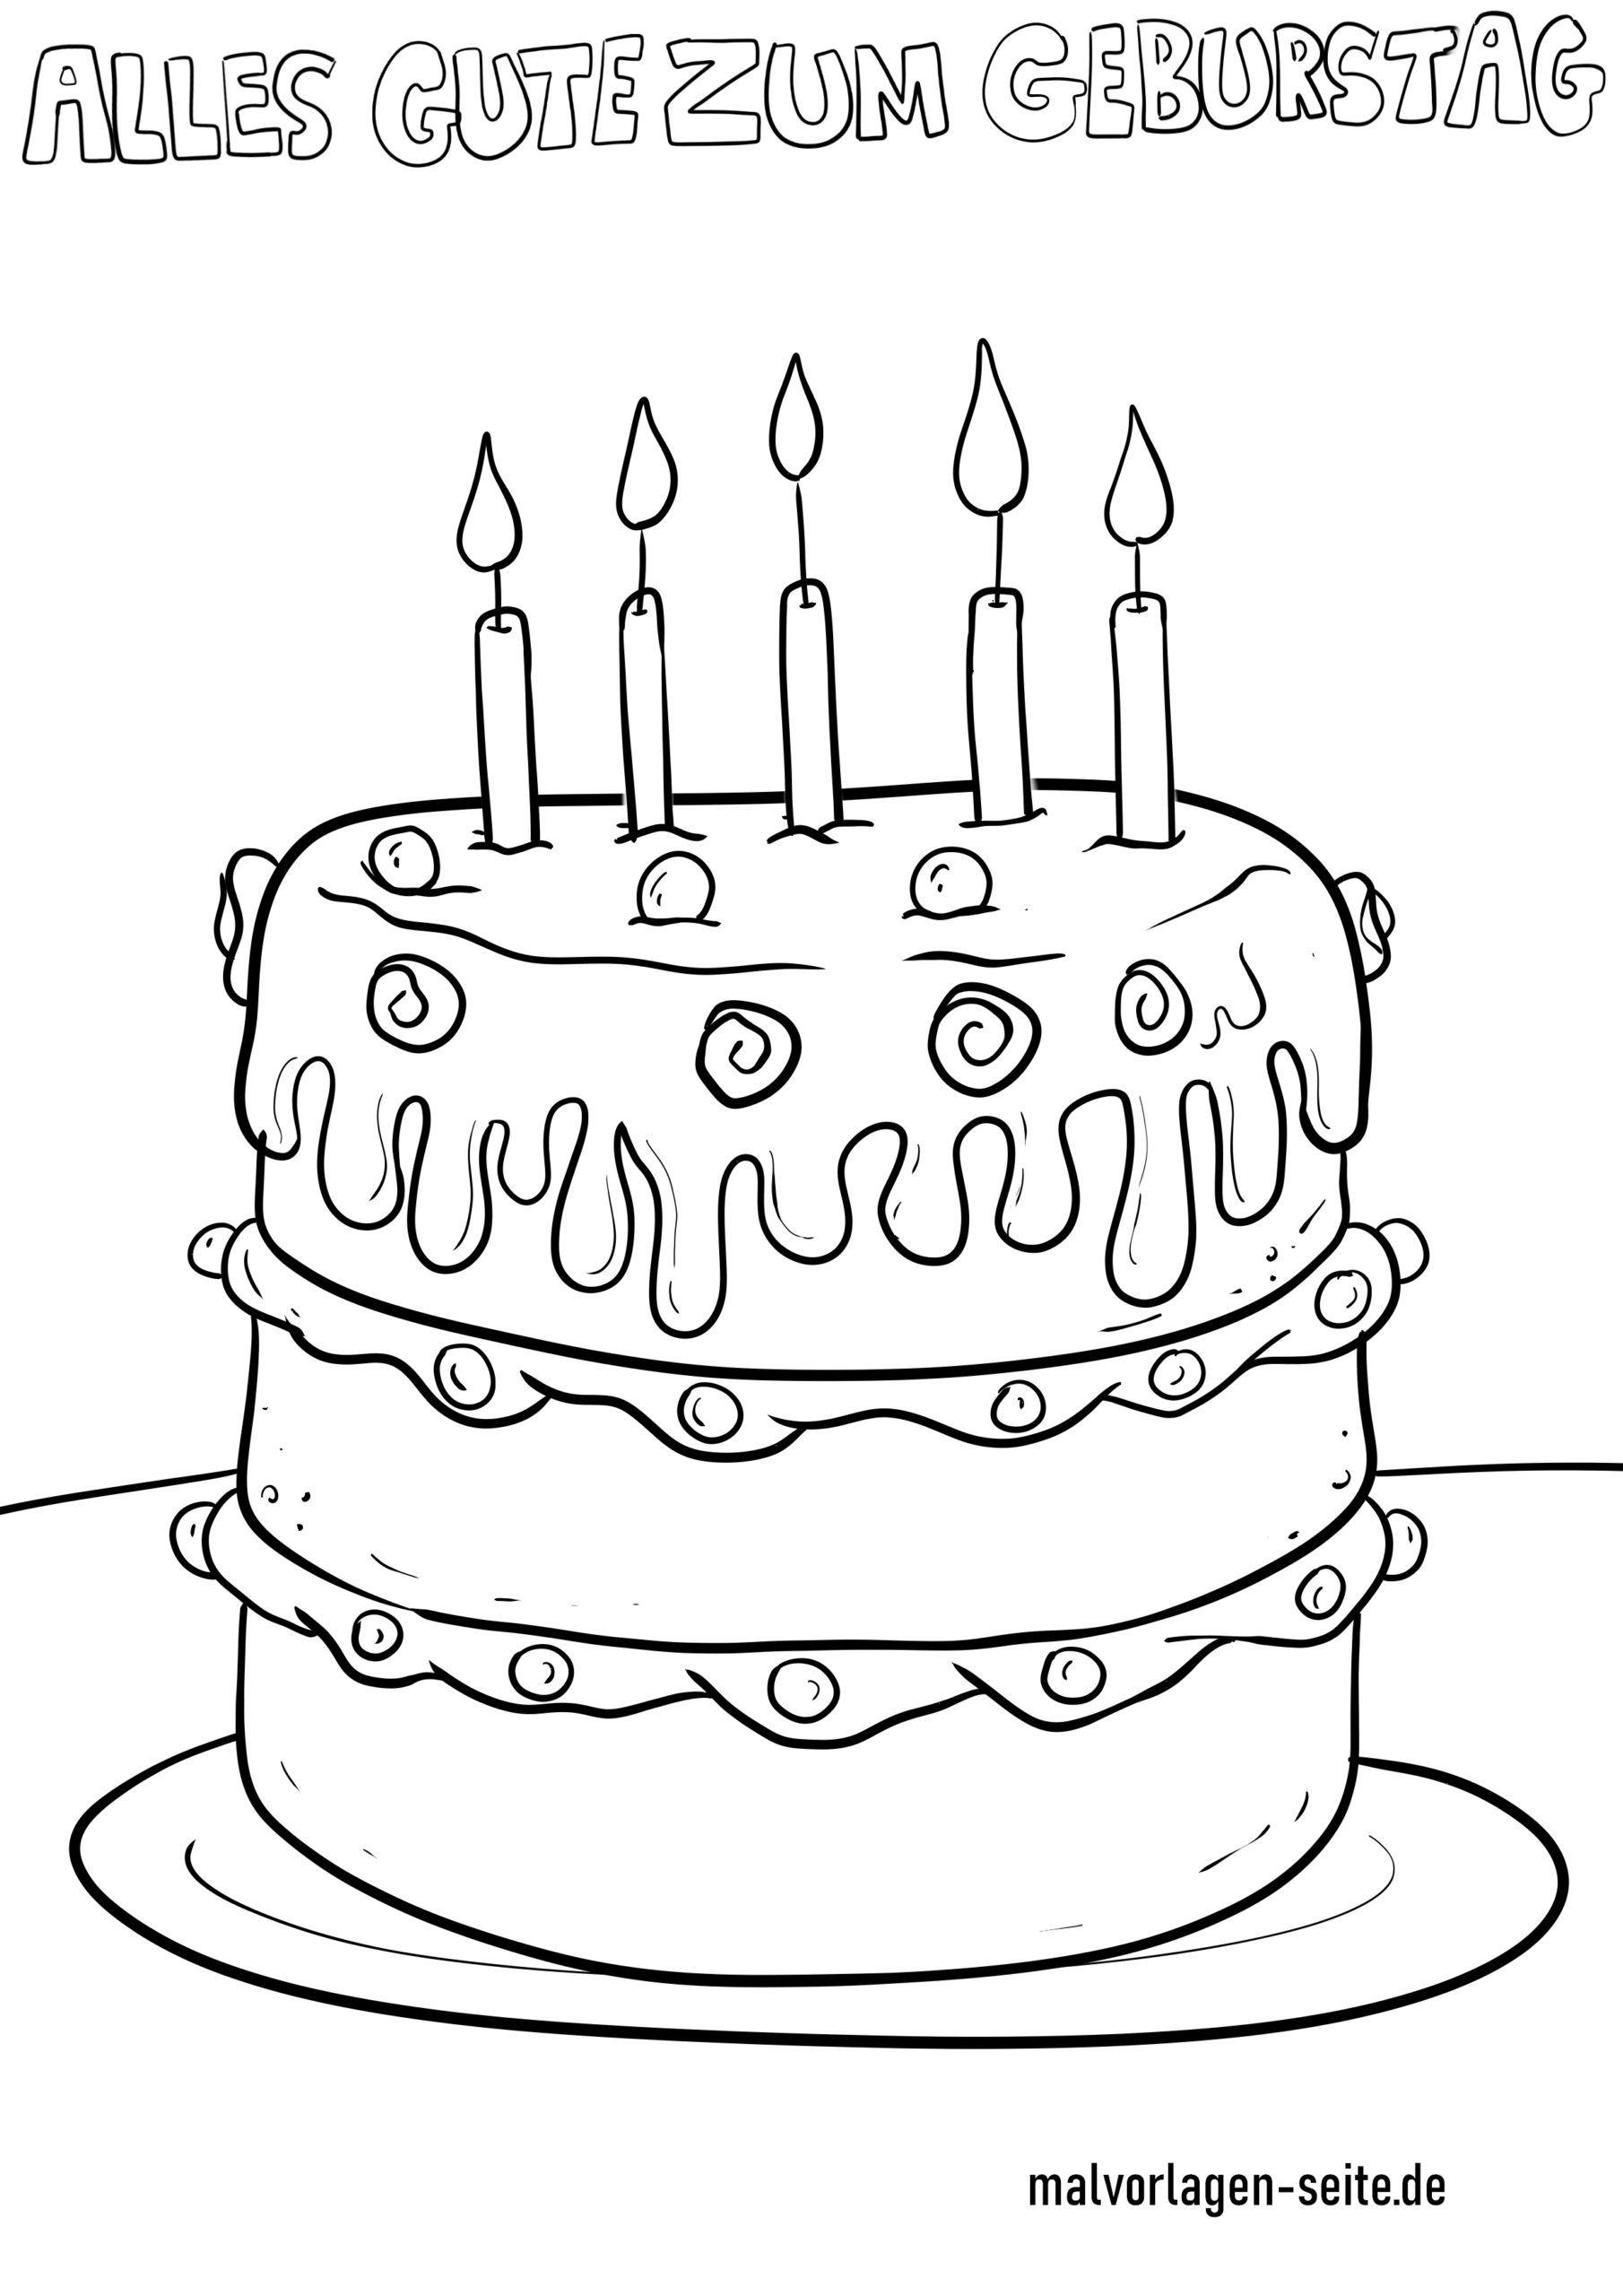 Malvorlage Alles Gute Zum Geburtstag - Ausmalbilder innen Ausmalbild Torte